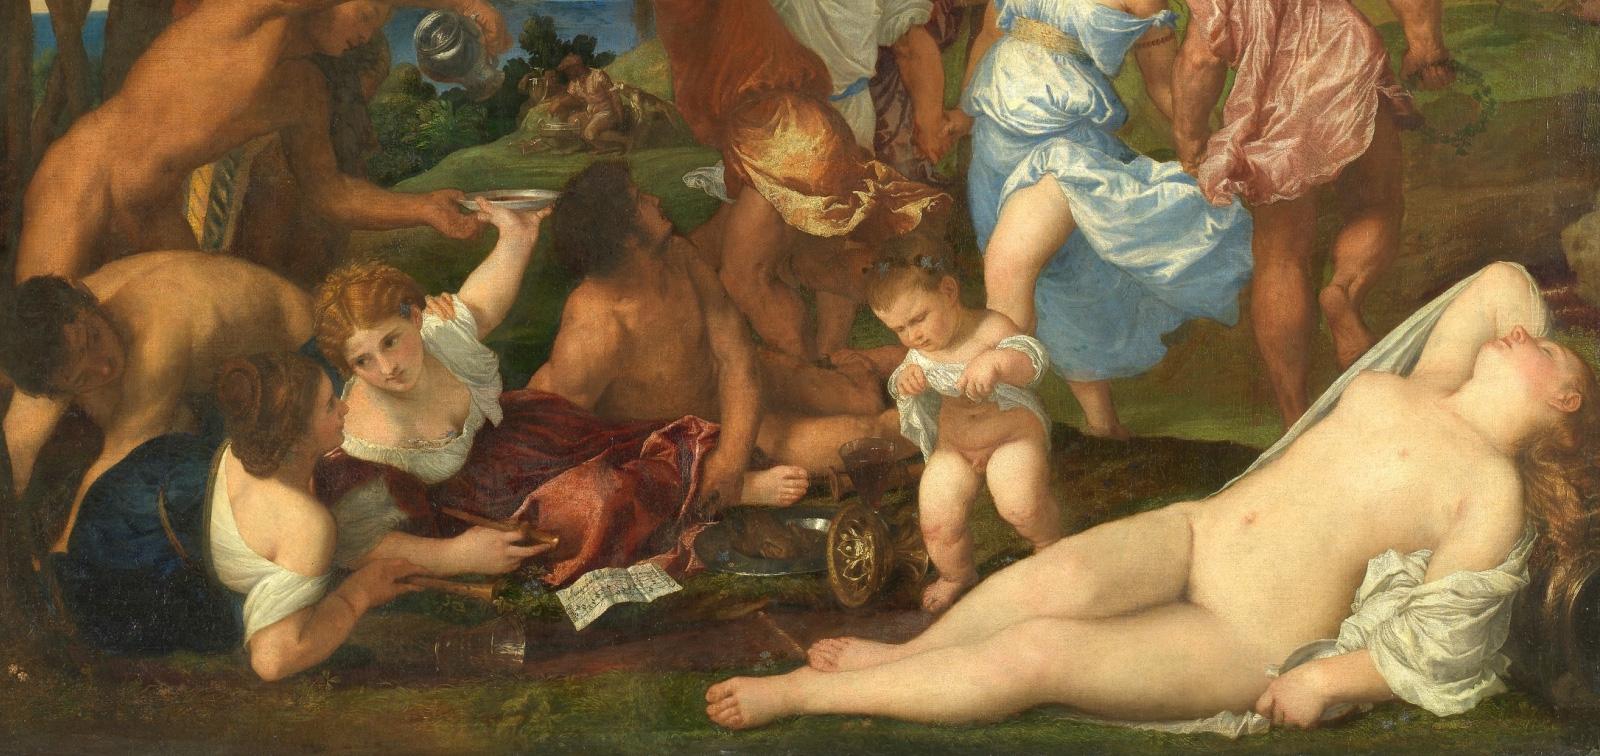 Asuntos mitológicos y erotismo en las colecciones artísticas de Madrid en el siglo XVII